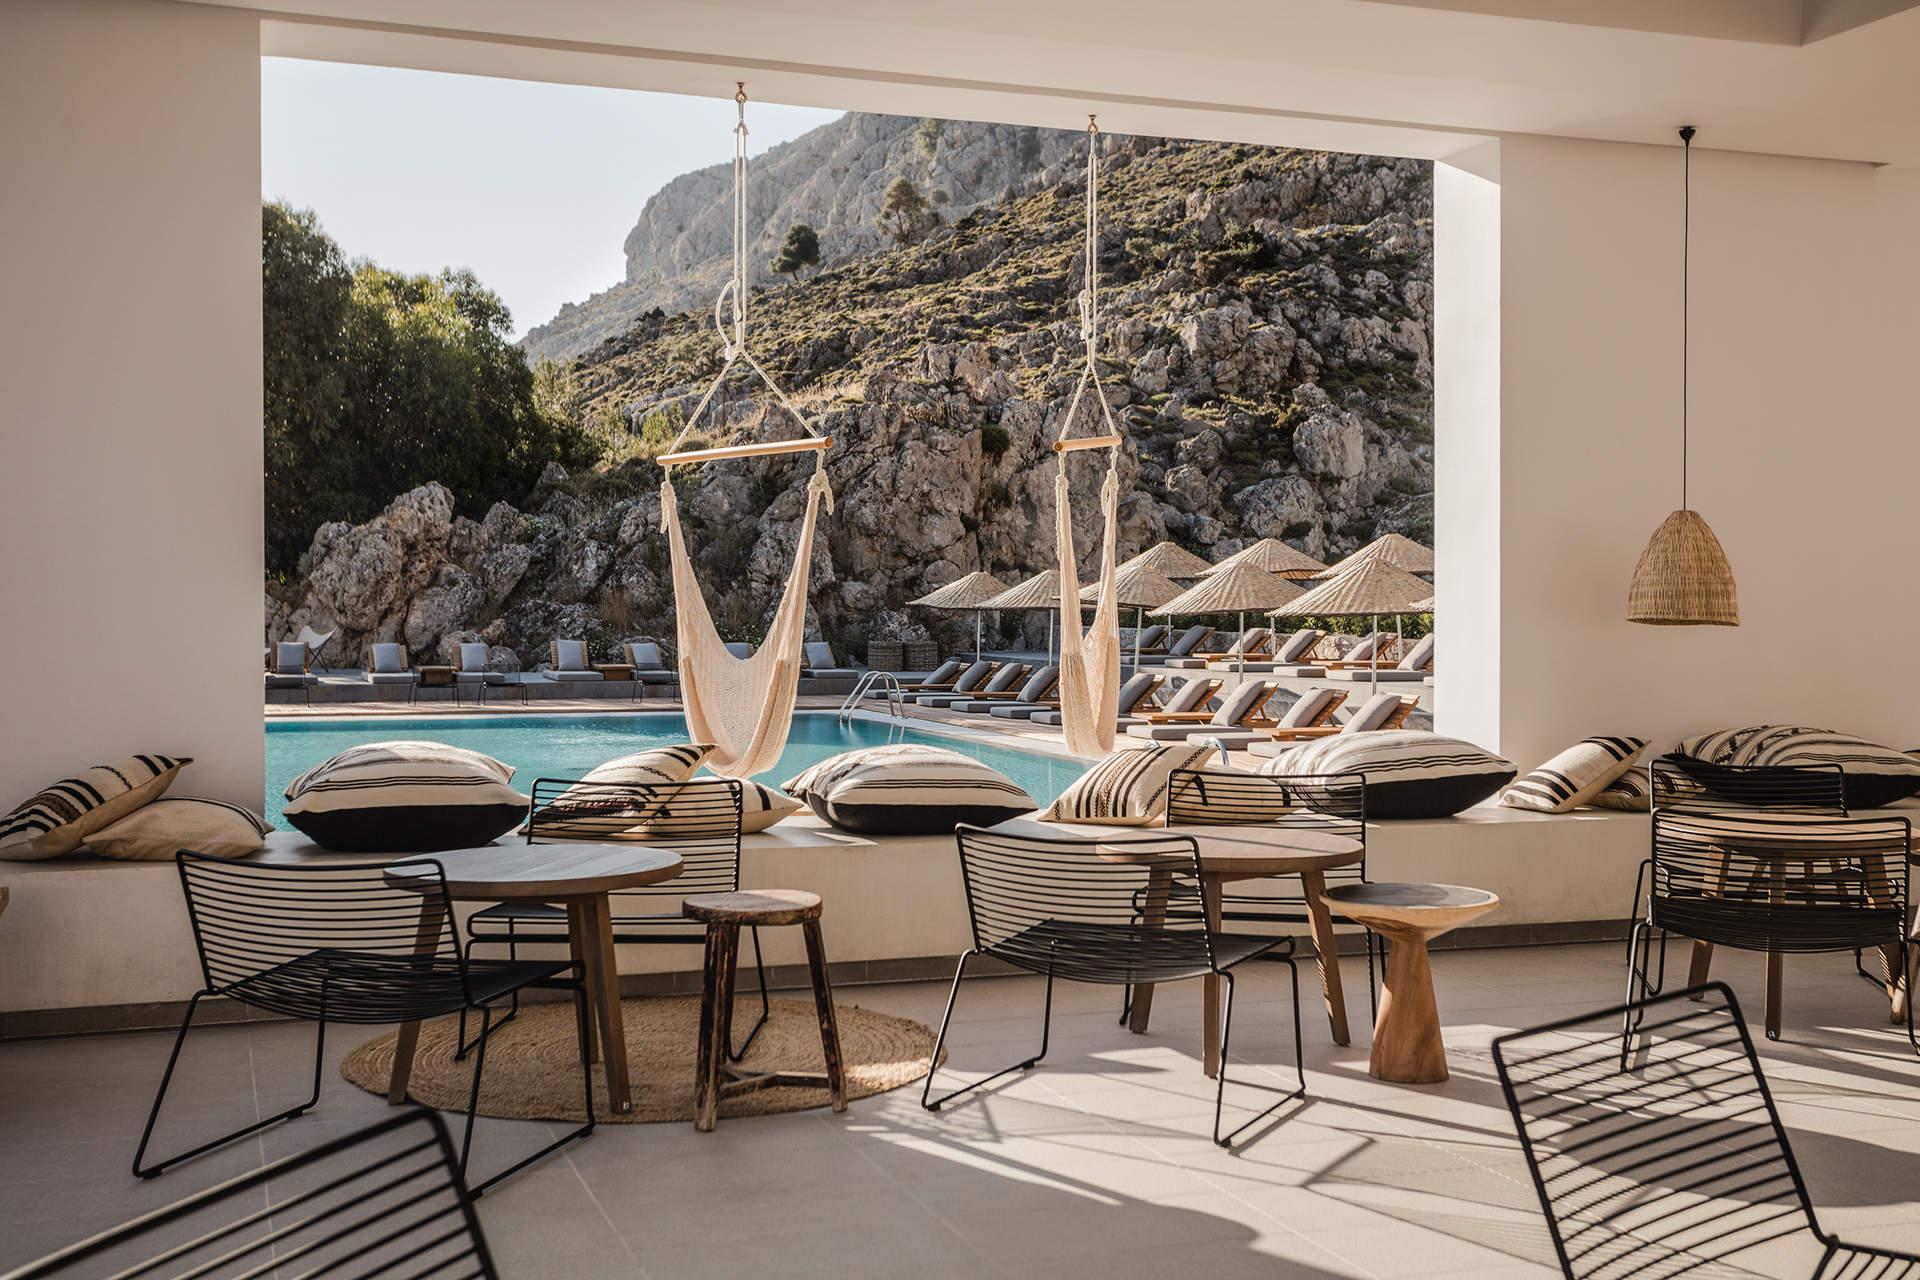 casa-cook-rhodes-un-hotel-de-caractere-sur-lile-grecque-rhodes